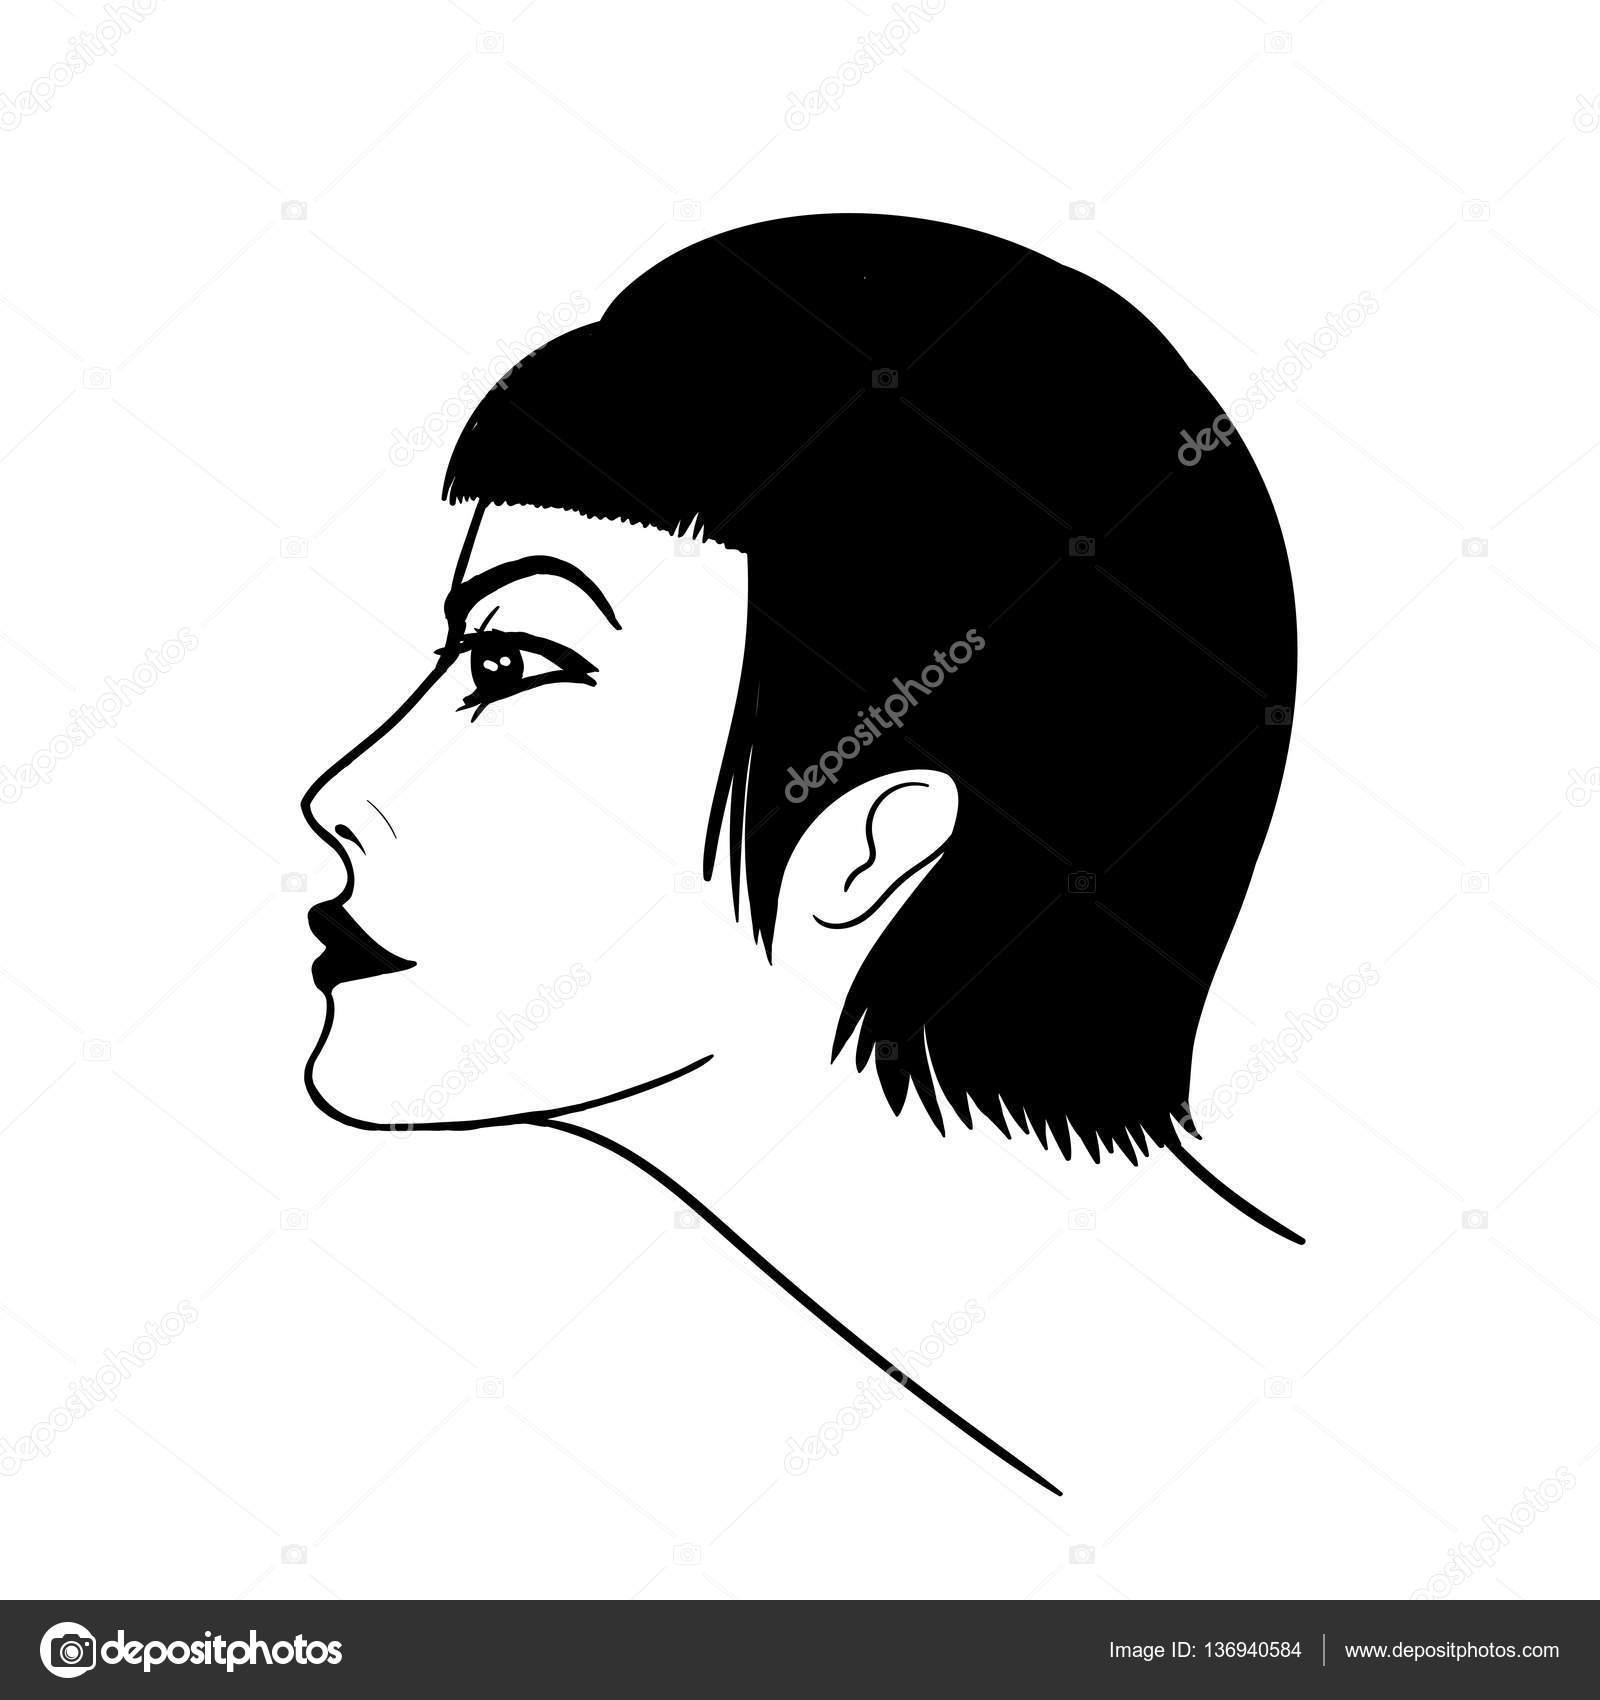 Dibujos perfiles de mujeres silueta de rostro de mujer en perfil dibujo de la mano aislada - Profil dessin ...